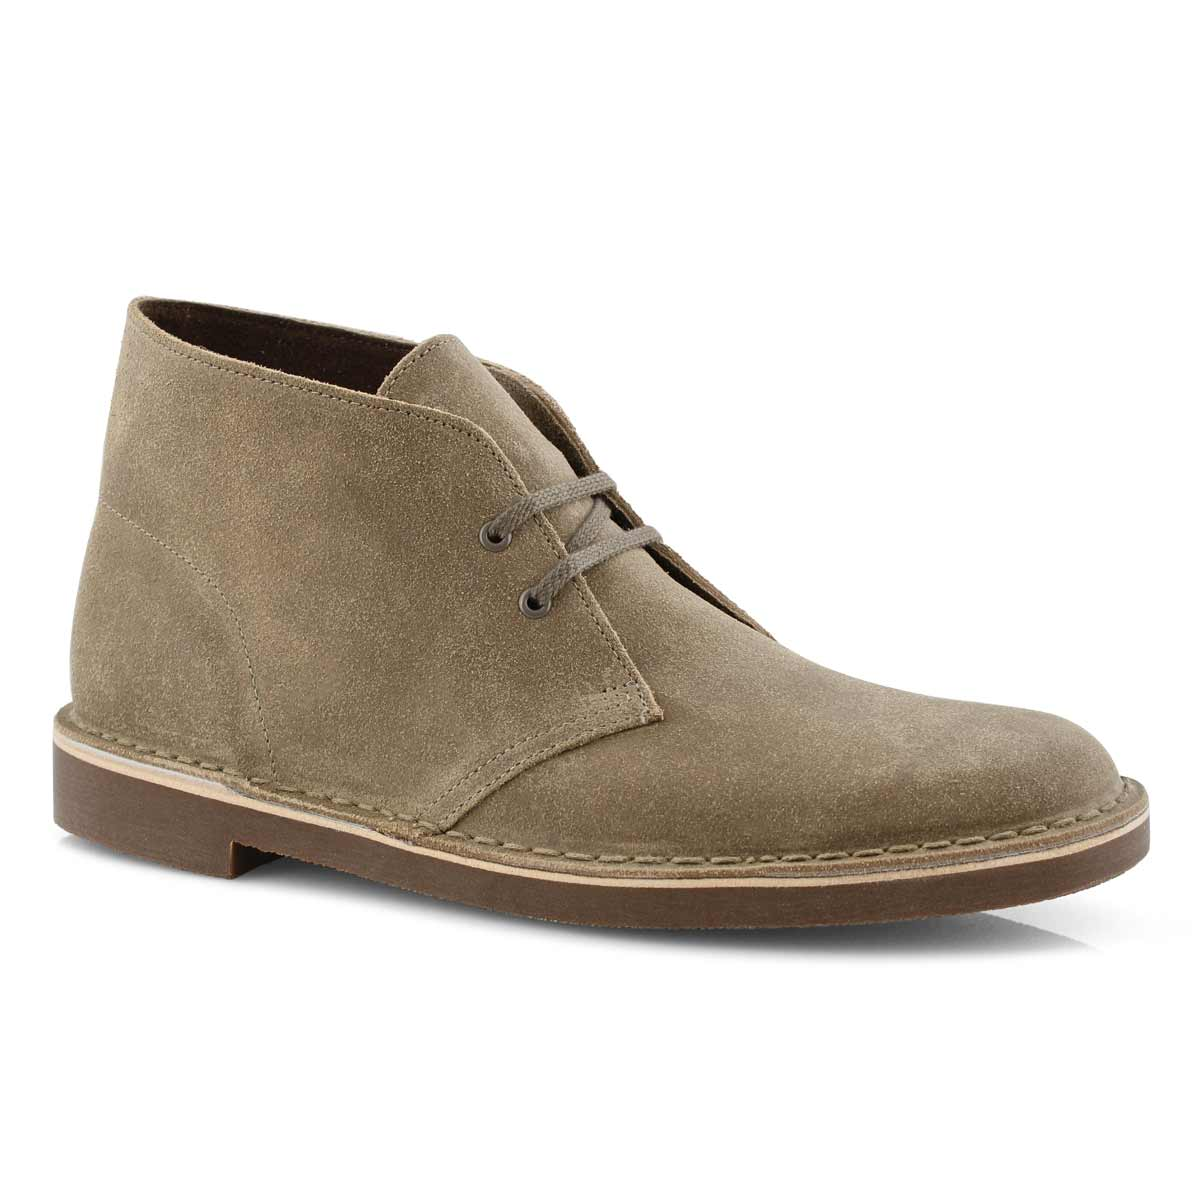 590cb0ee0af Men's BUSHACRE 2 taupe suede desert boots